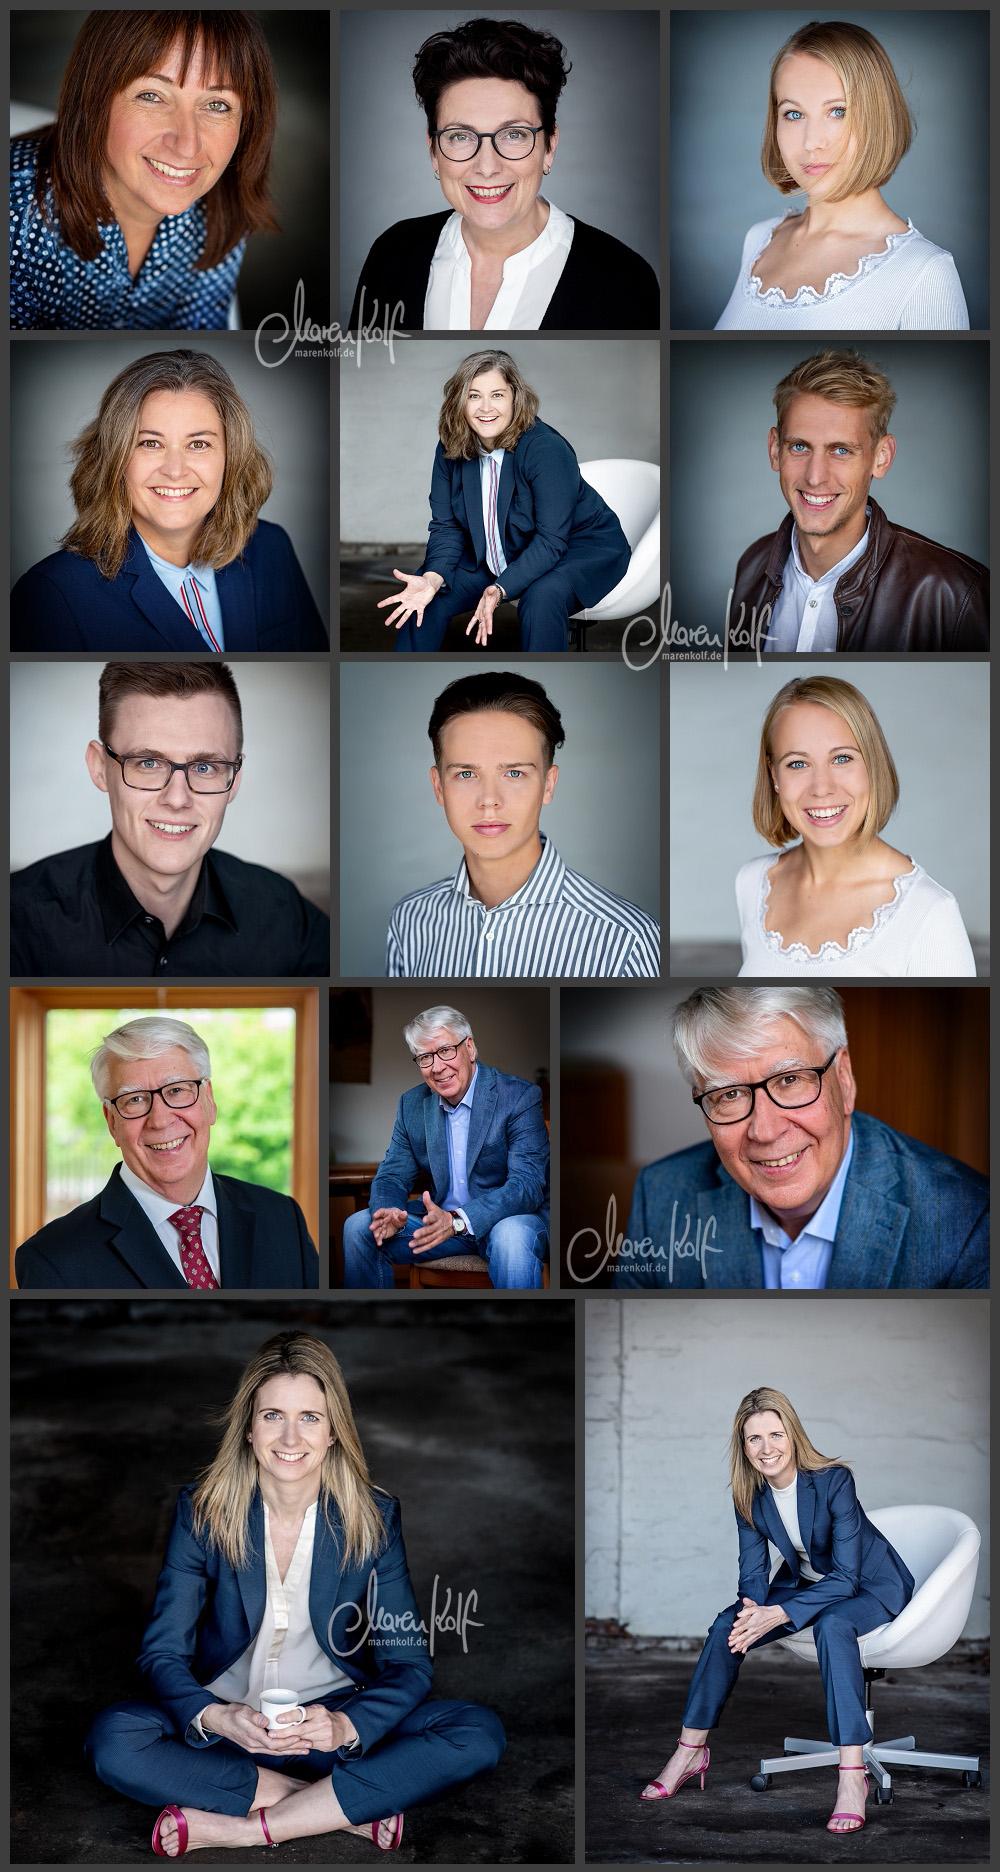 fotograf-hannover-bewerbungsbilder-businessportraits-isernhagen-wedemark-personality-portrait